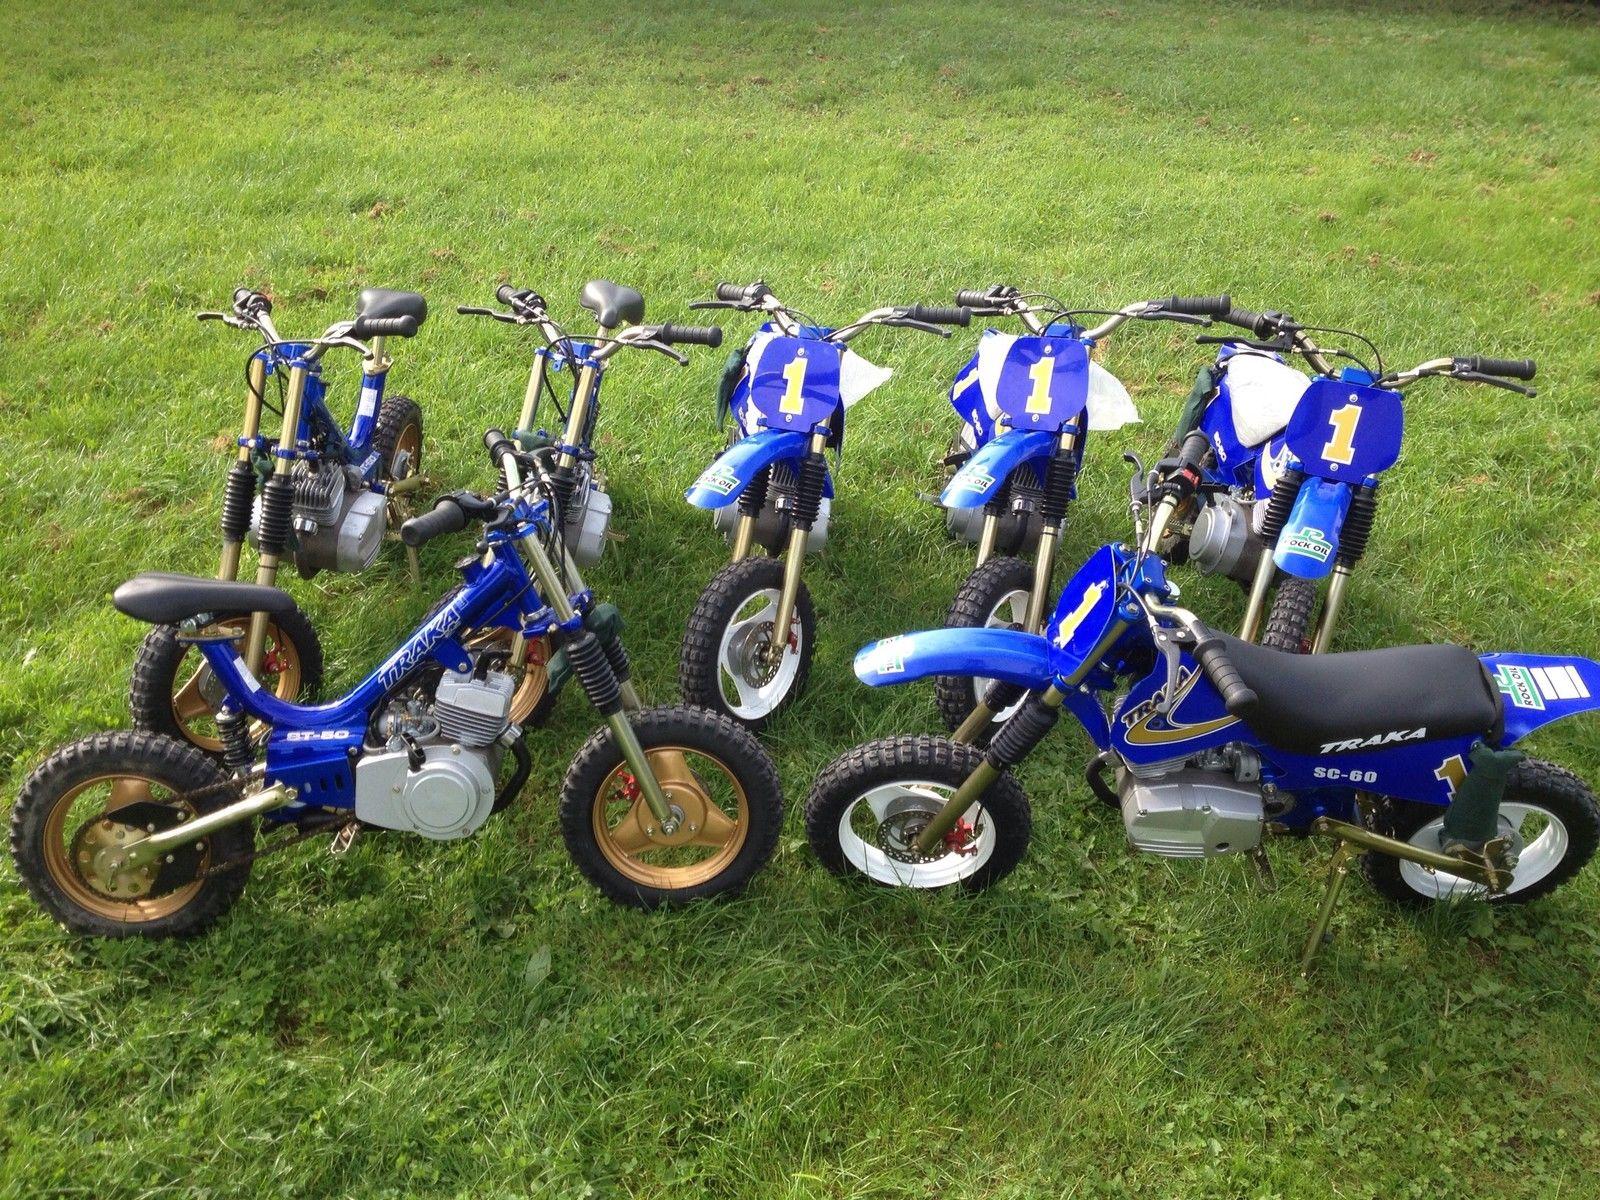 50cc Dirt Bike 2 Stroke Carburetor Gallery